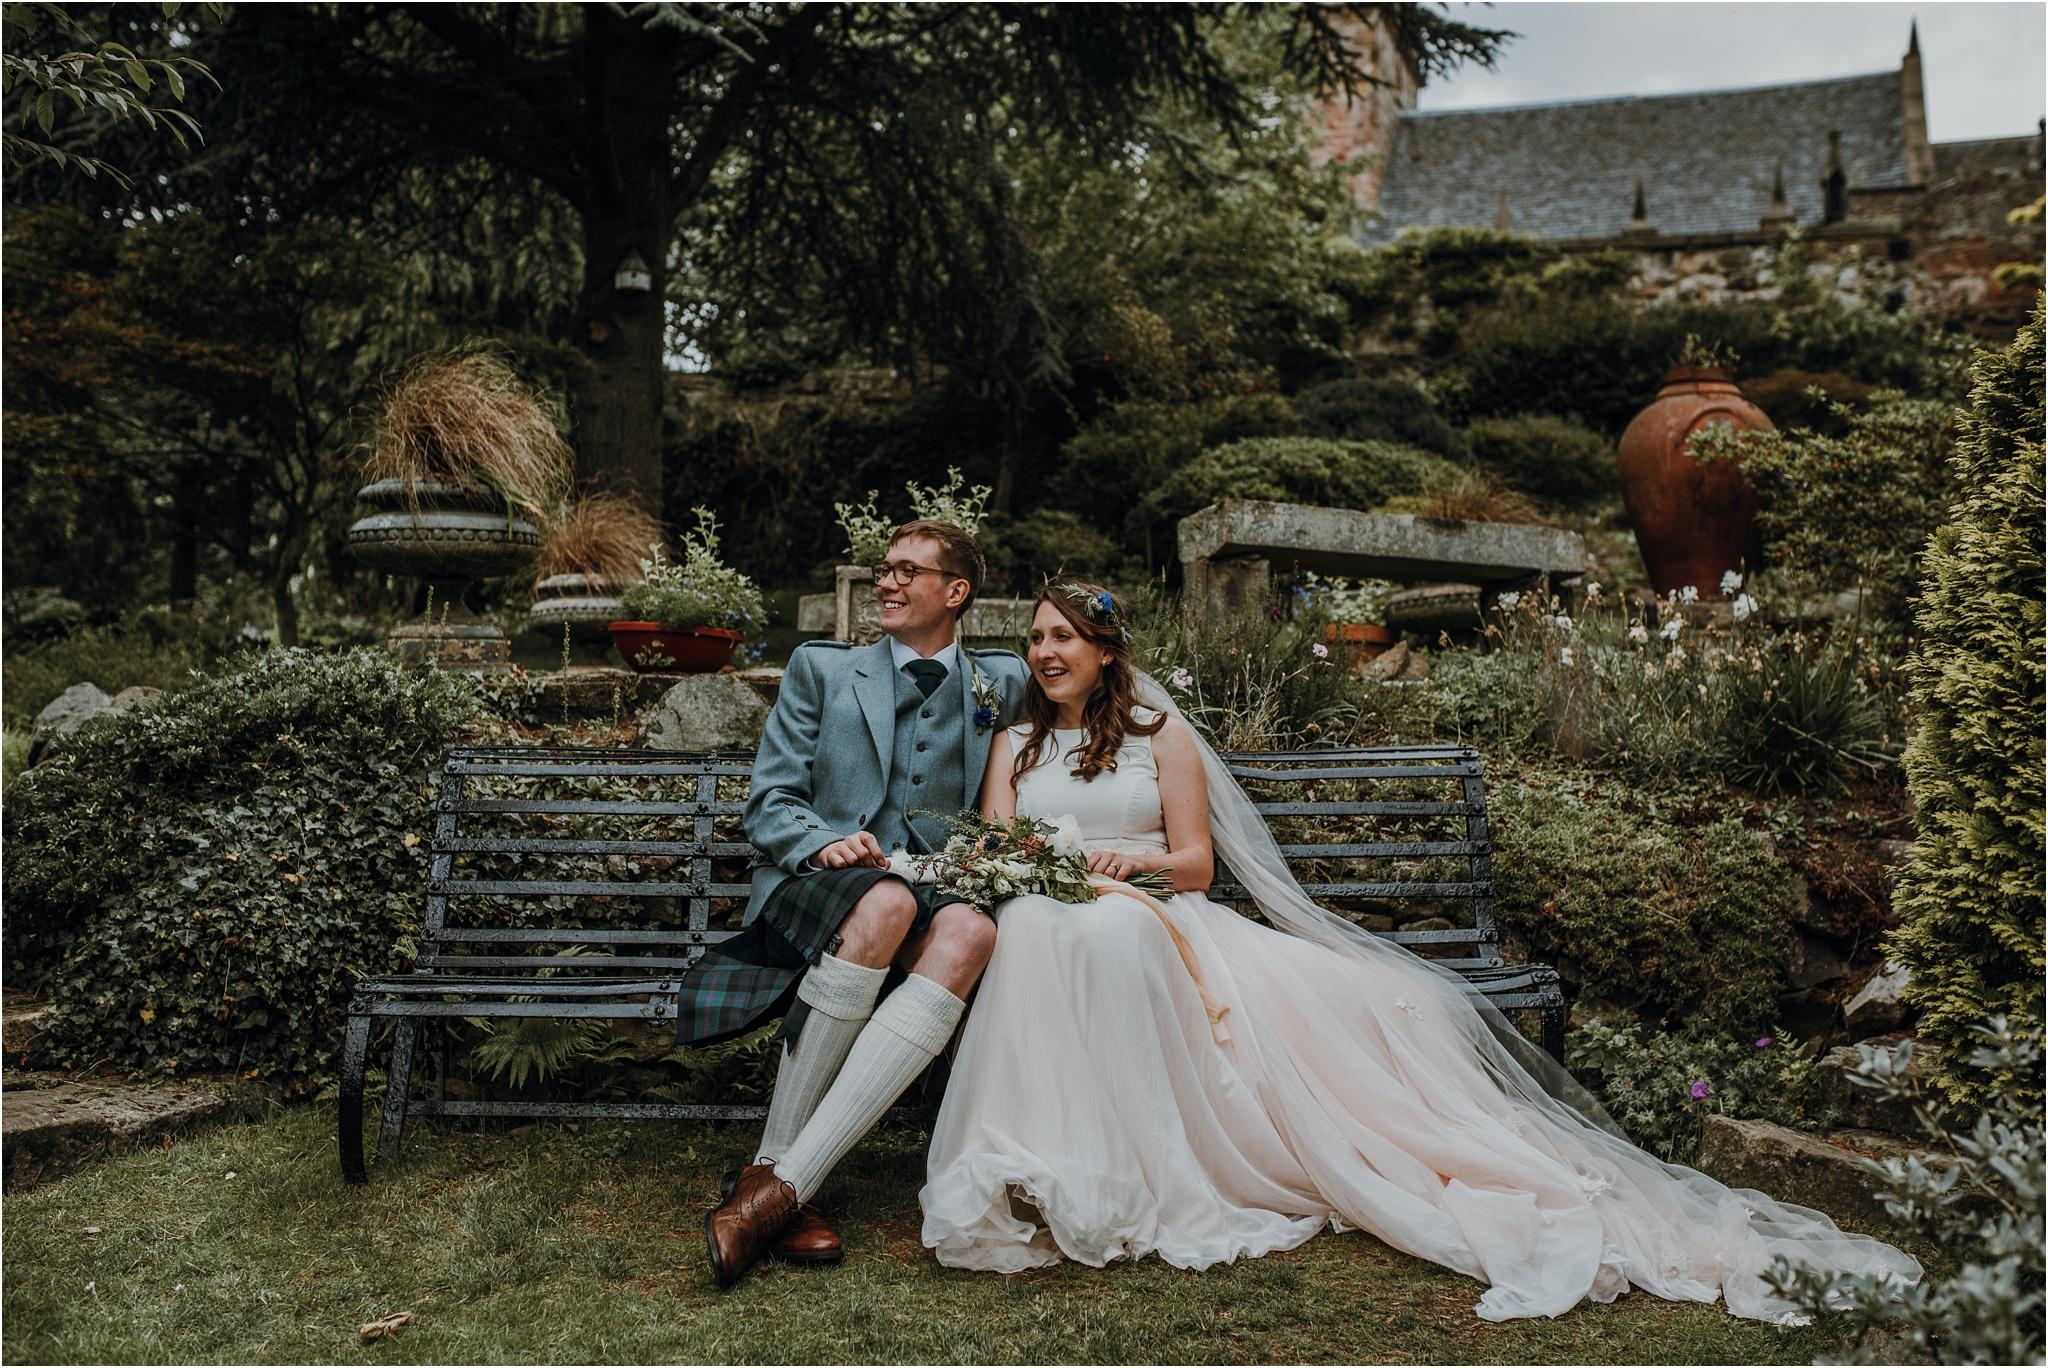 Edinburgh-barn-wedding-photographer_62.jpg